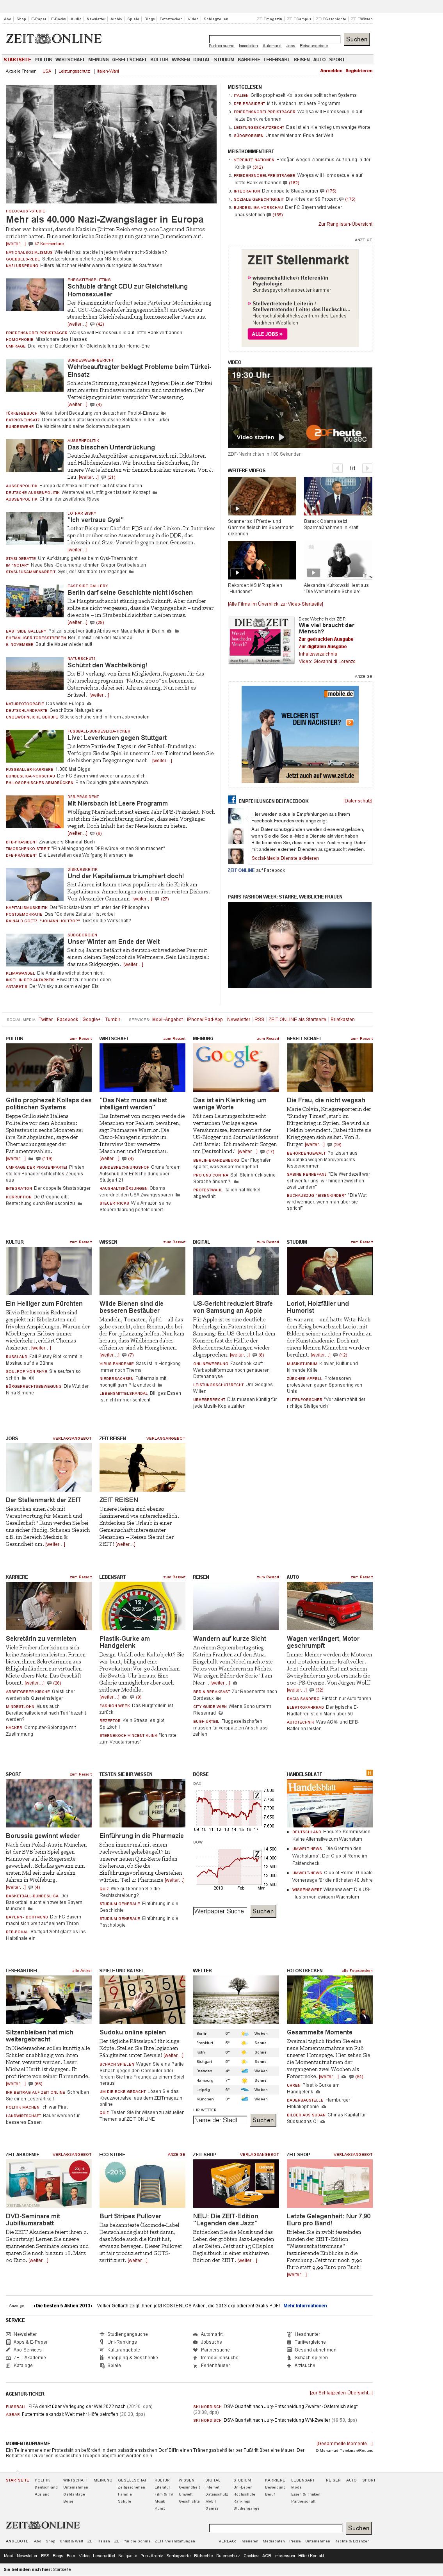 Zeit Online at Saturday March 2, 2013, 7:24 p.m. UTC